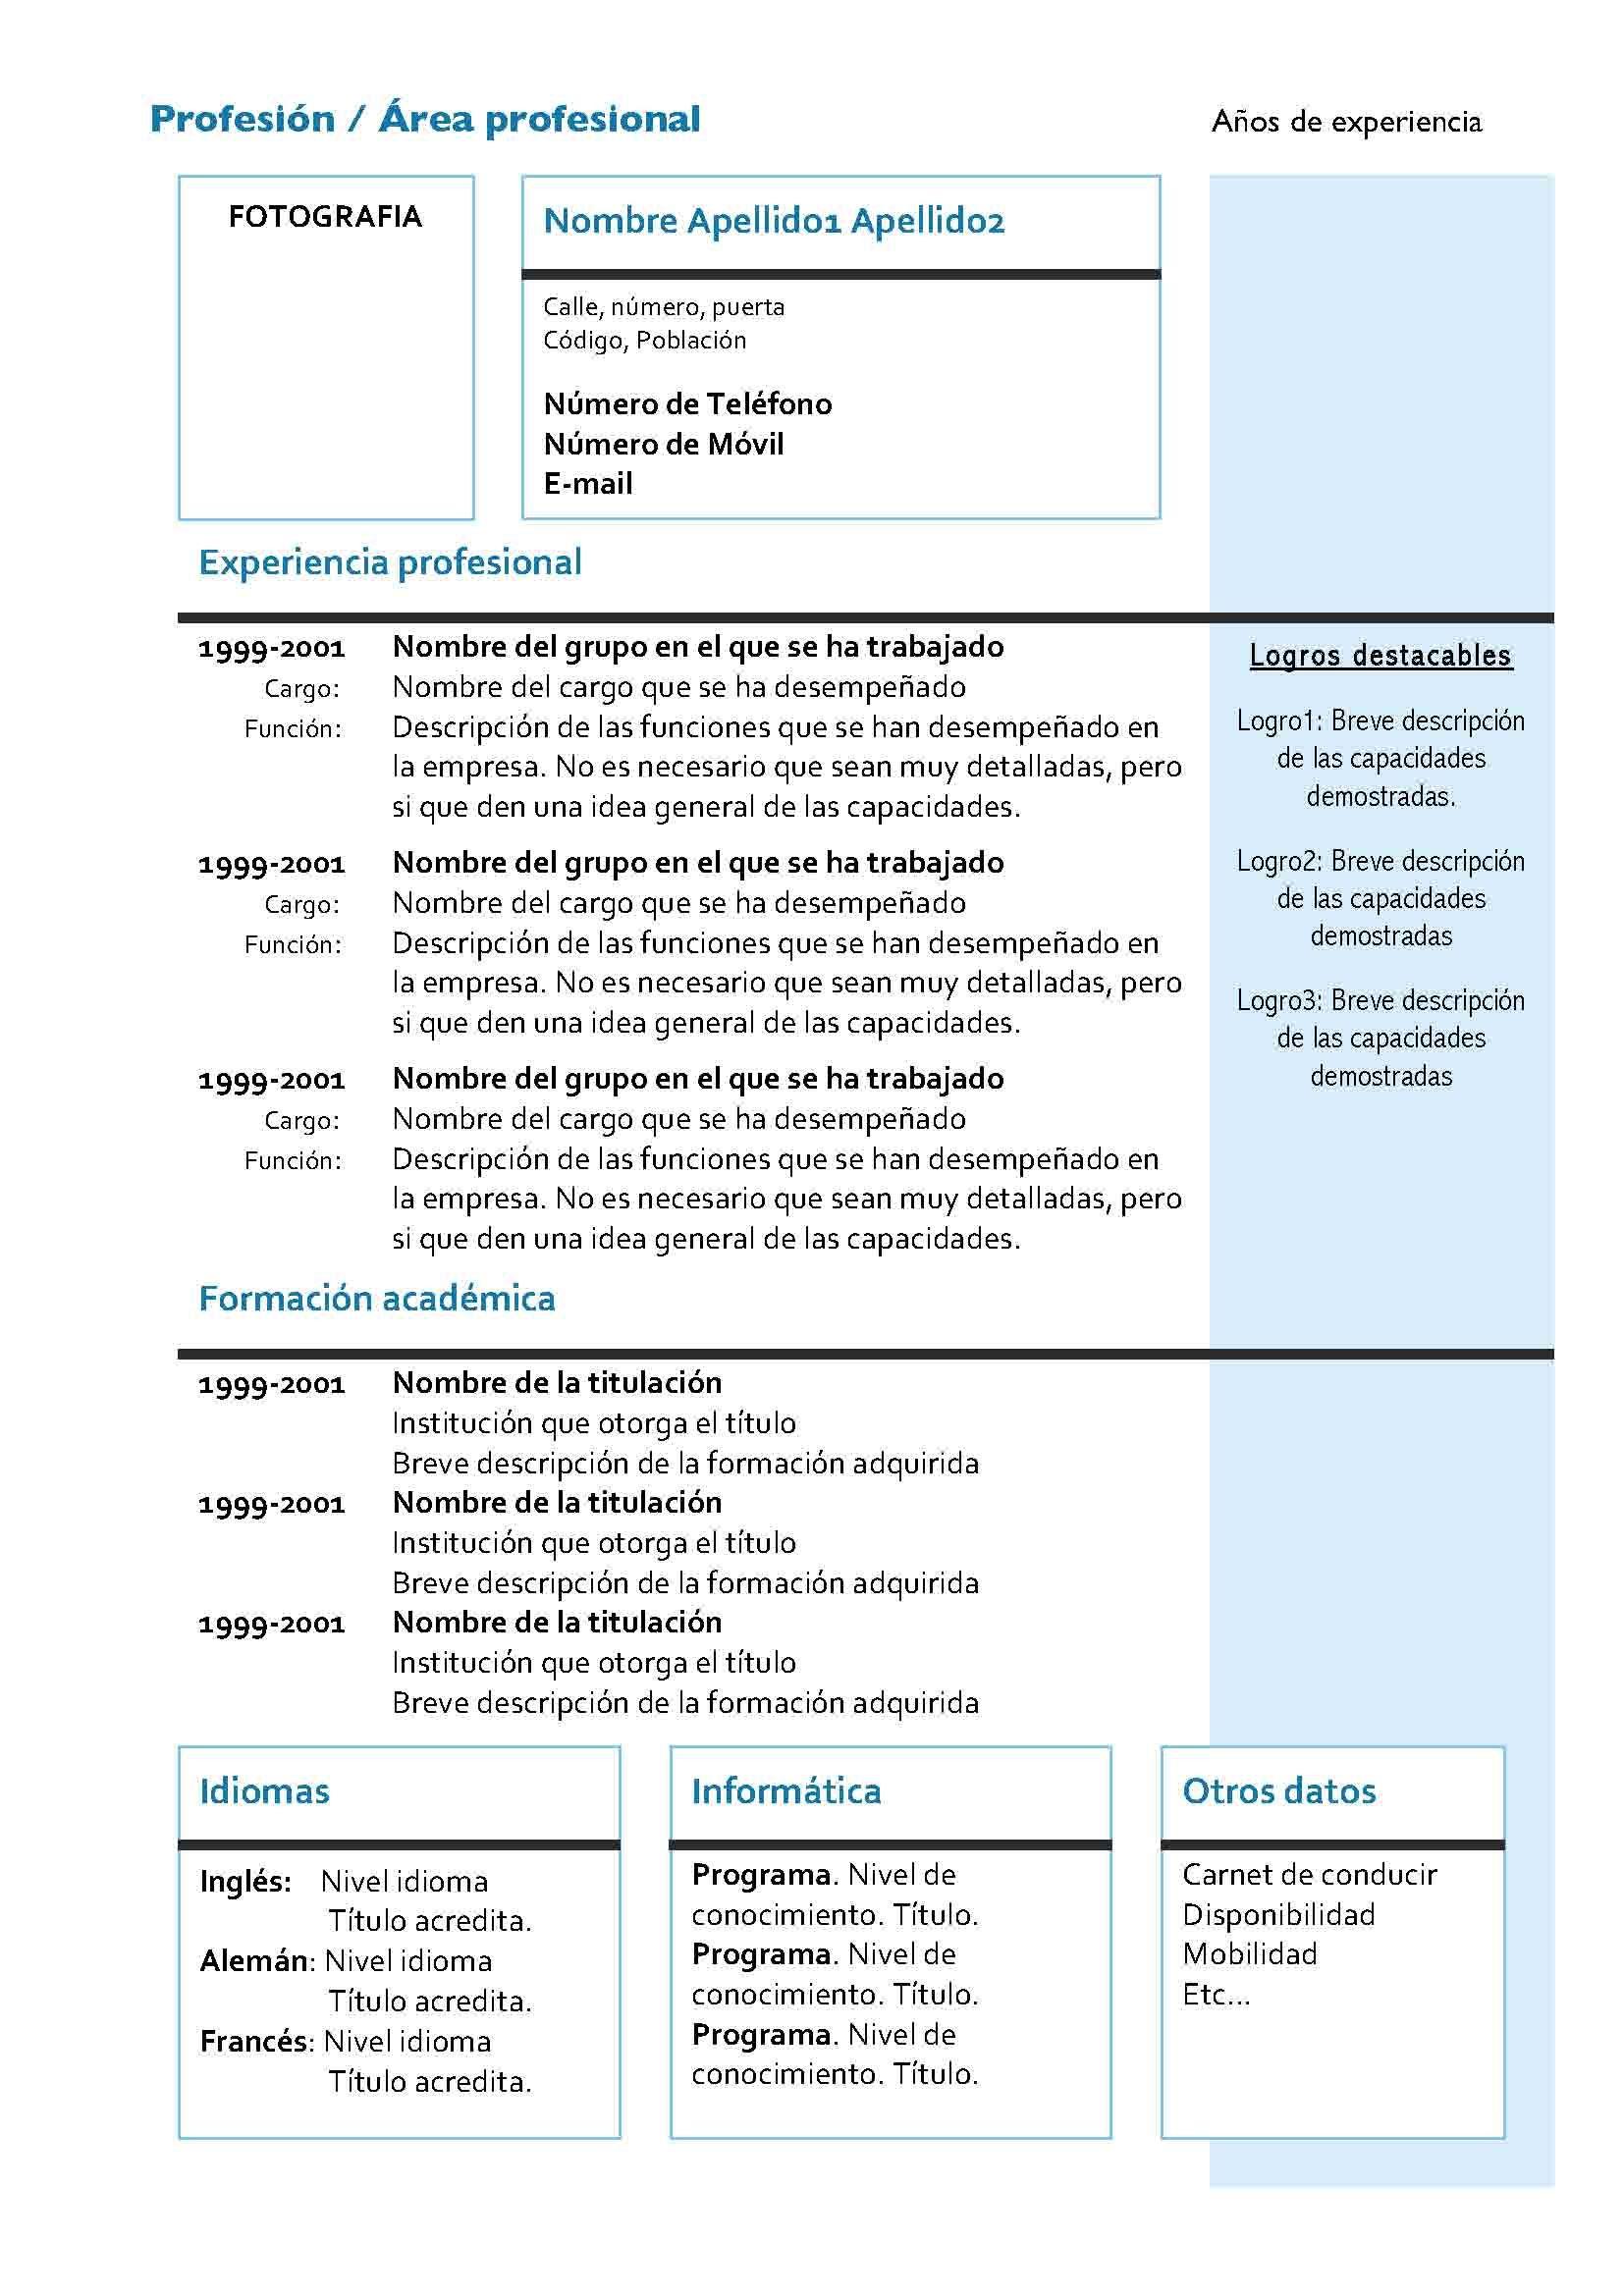 Currículum Vitae Cronológico: Modelo 4 | Proyectos que intentar ...